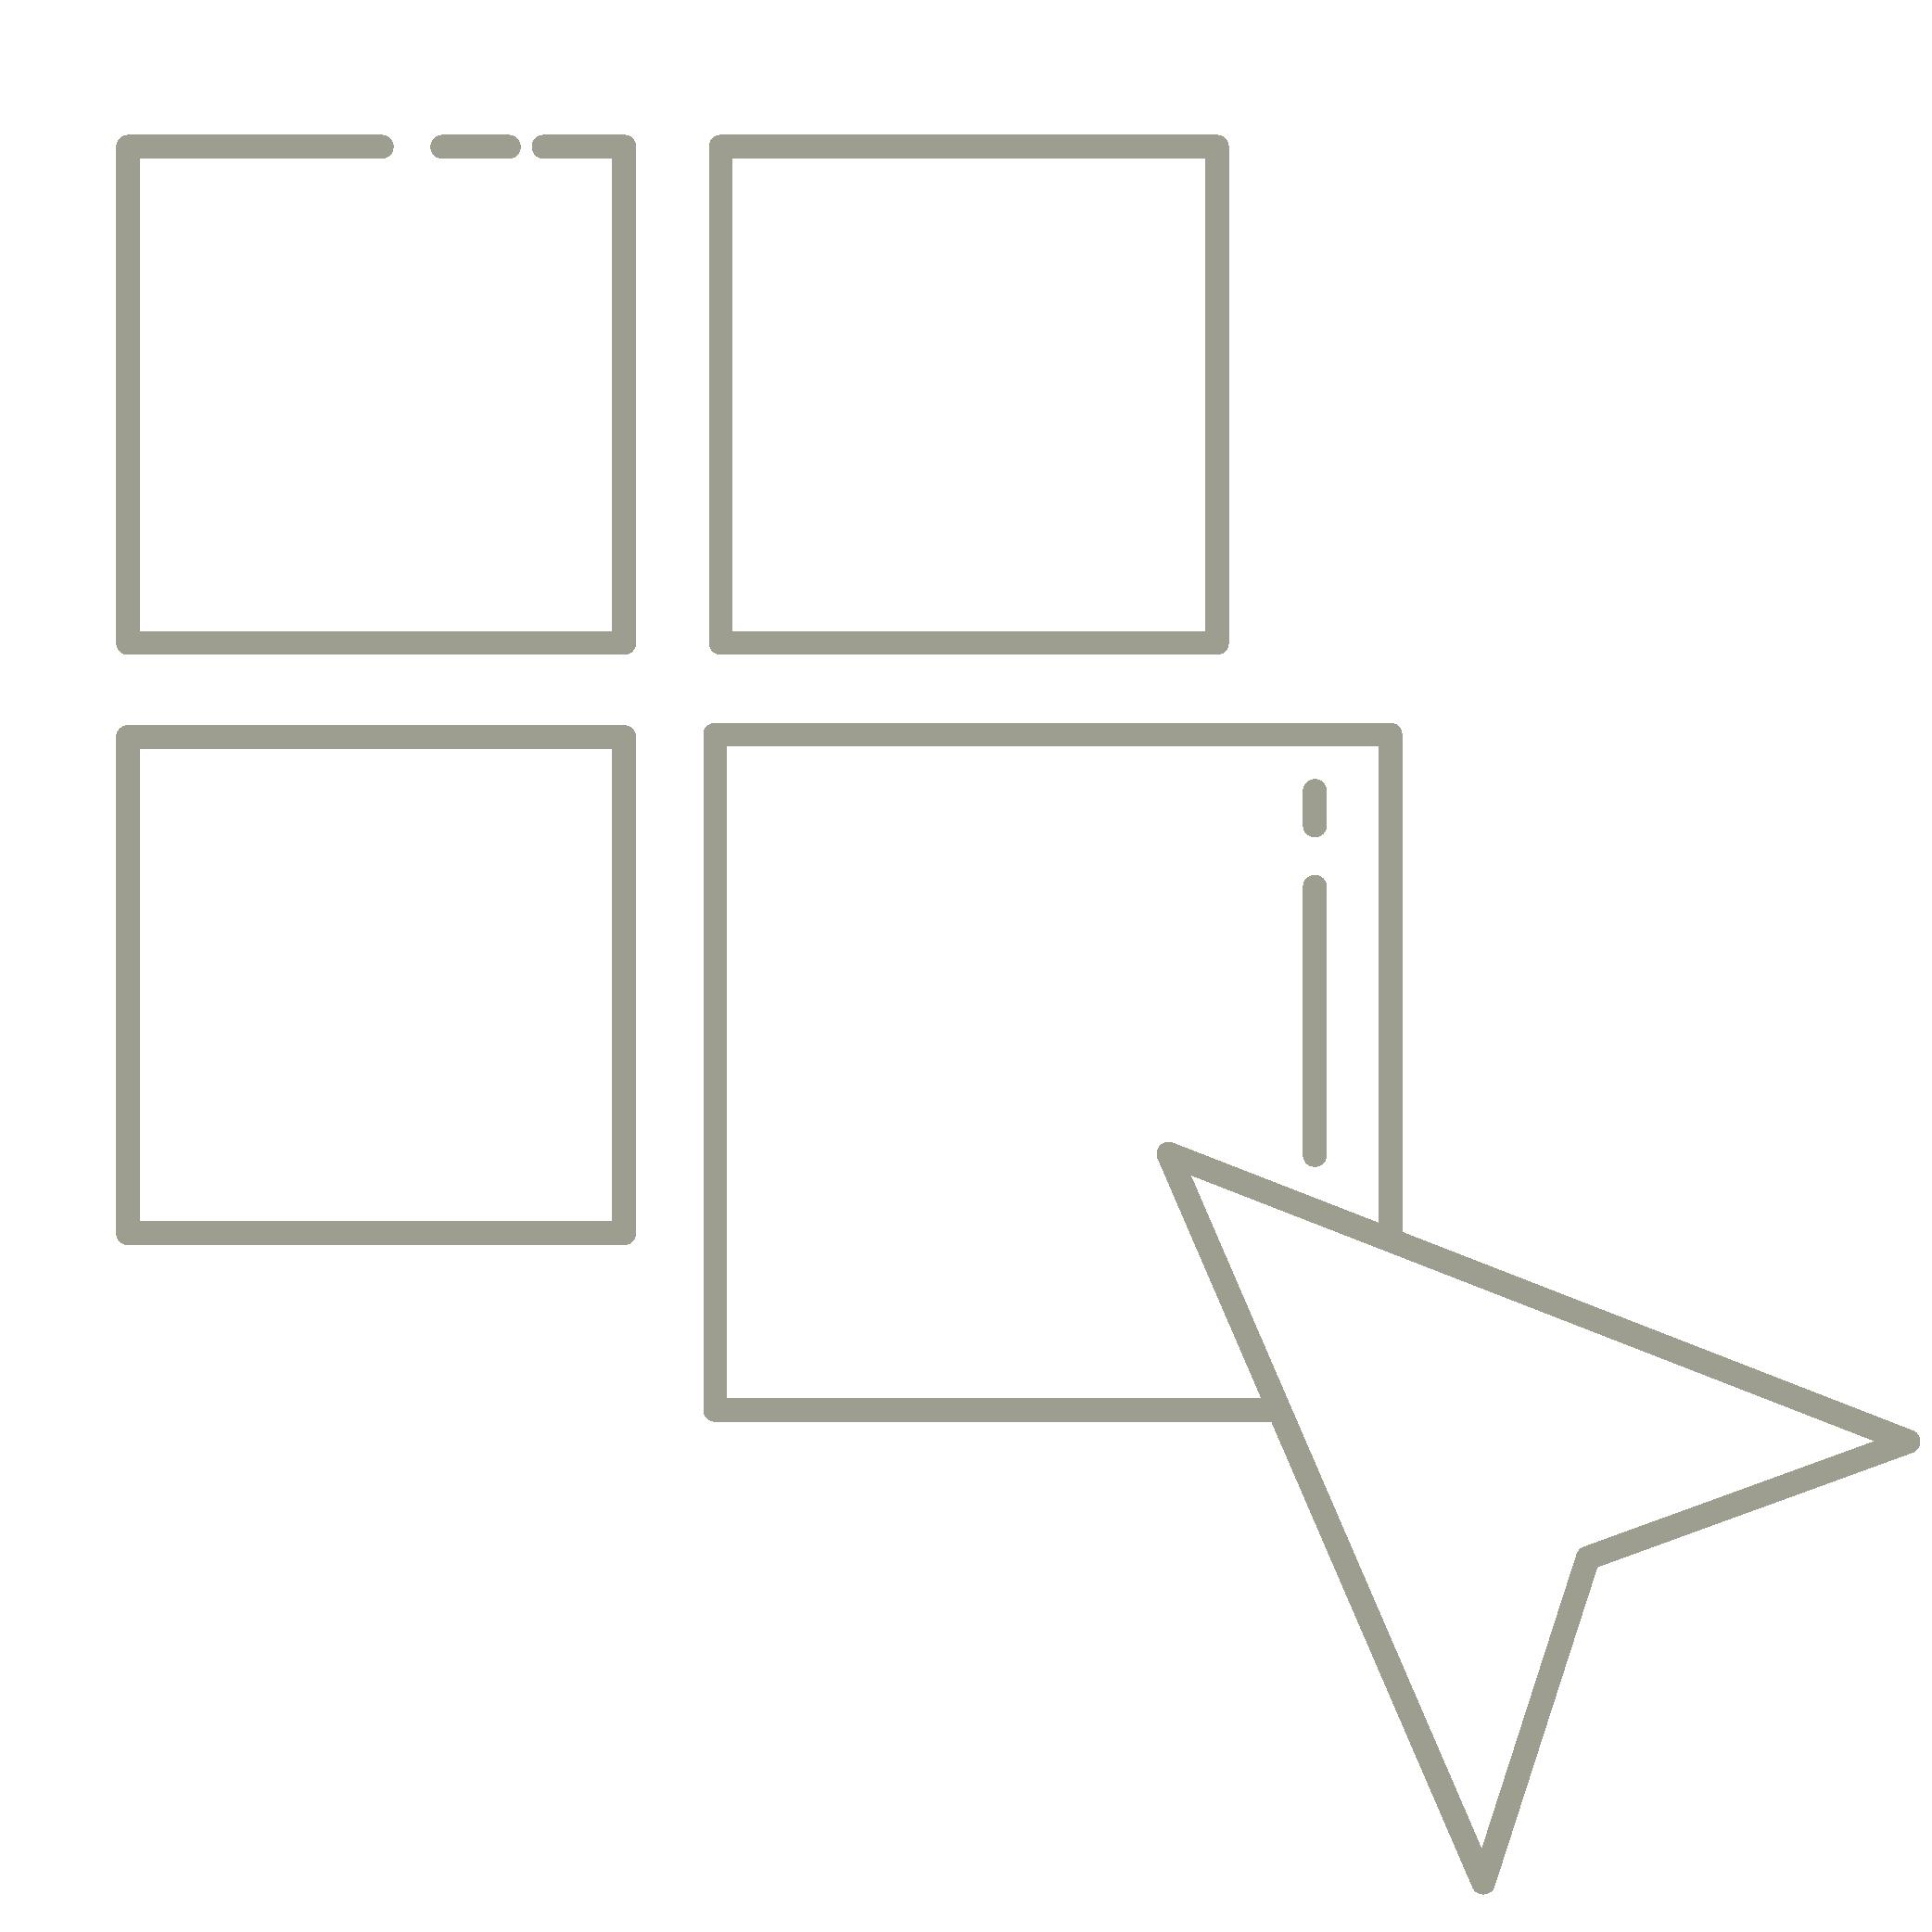 selektieren-clay-outline